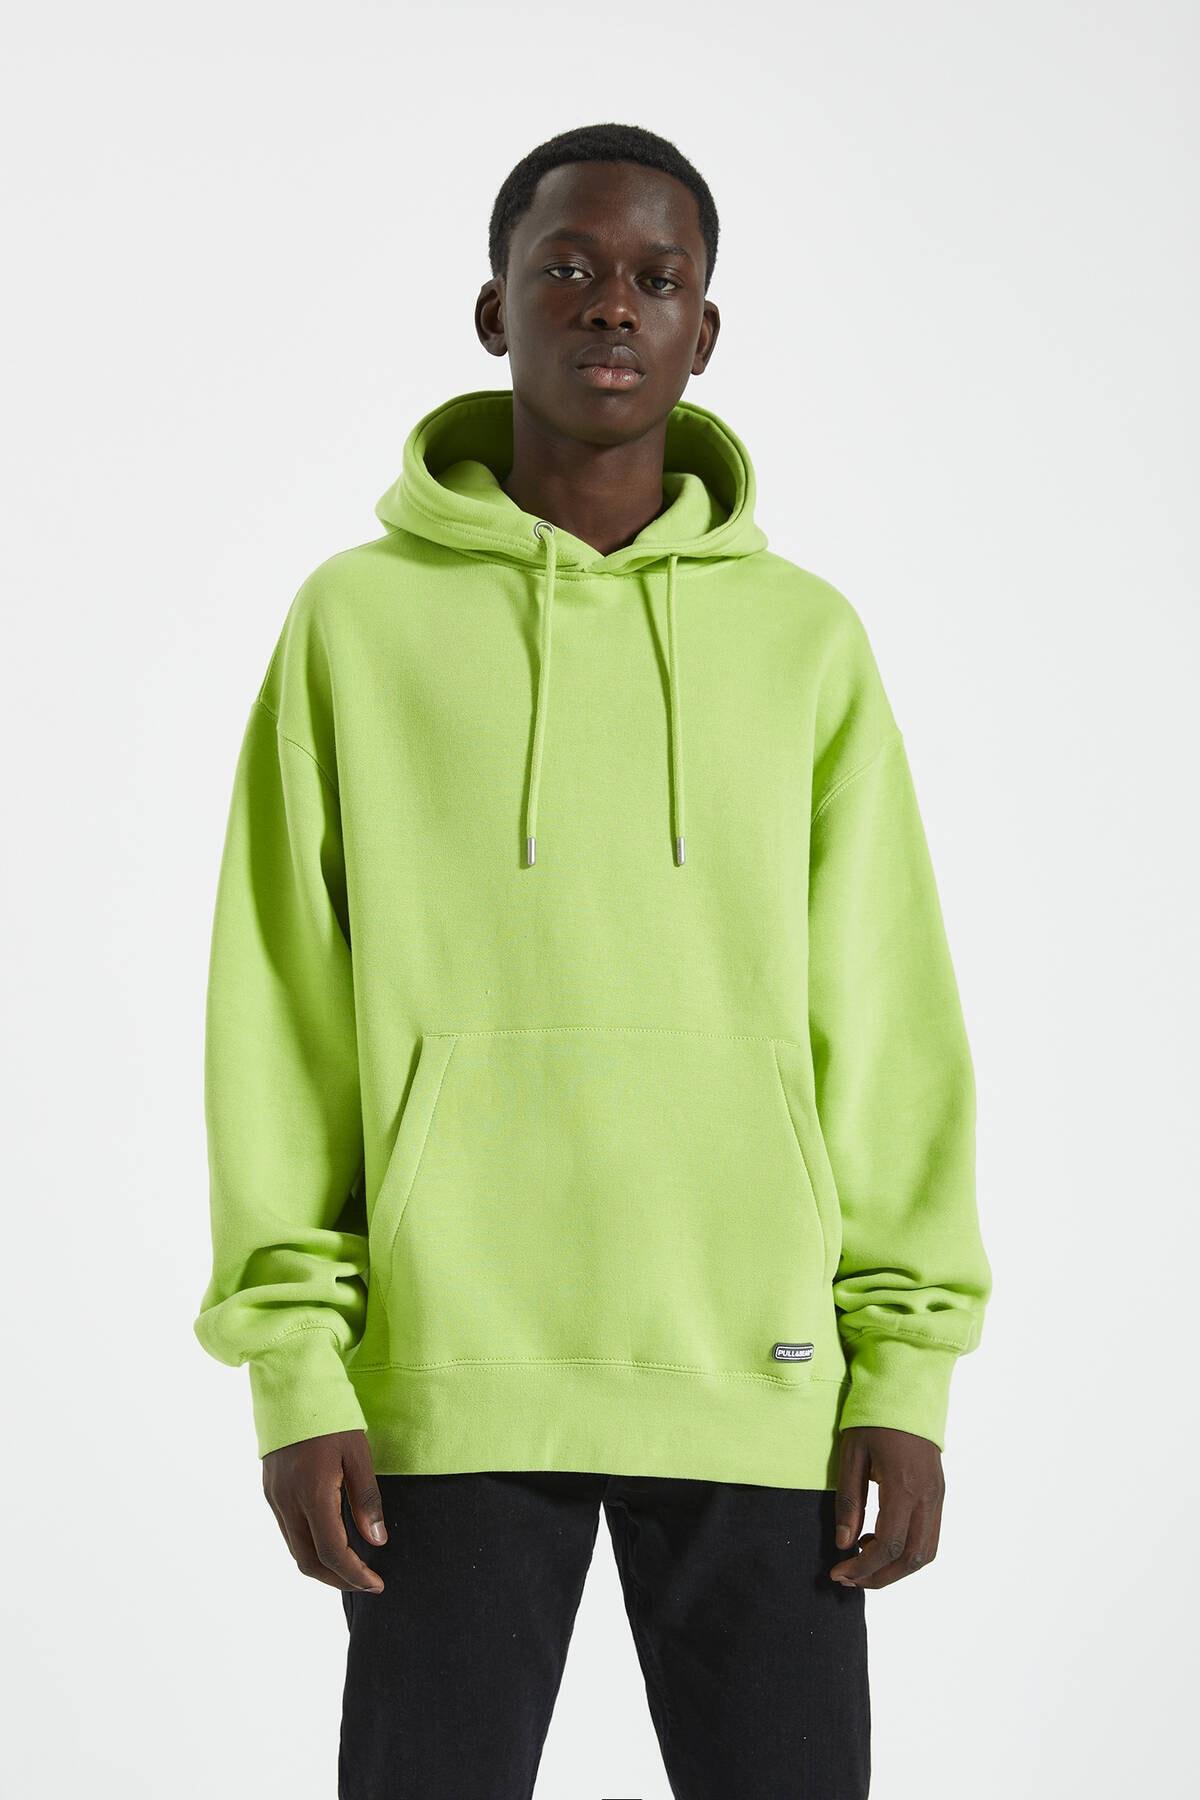 Pull & Bear Erkek Floresan Sarısı Logolu Basic Kapüşonlu Sweatshirt 09594913